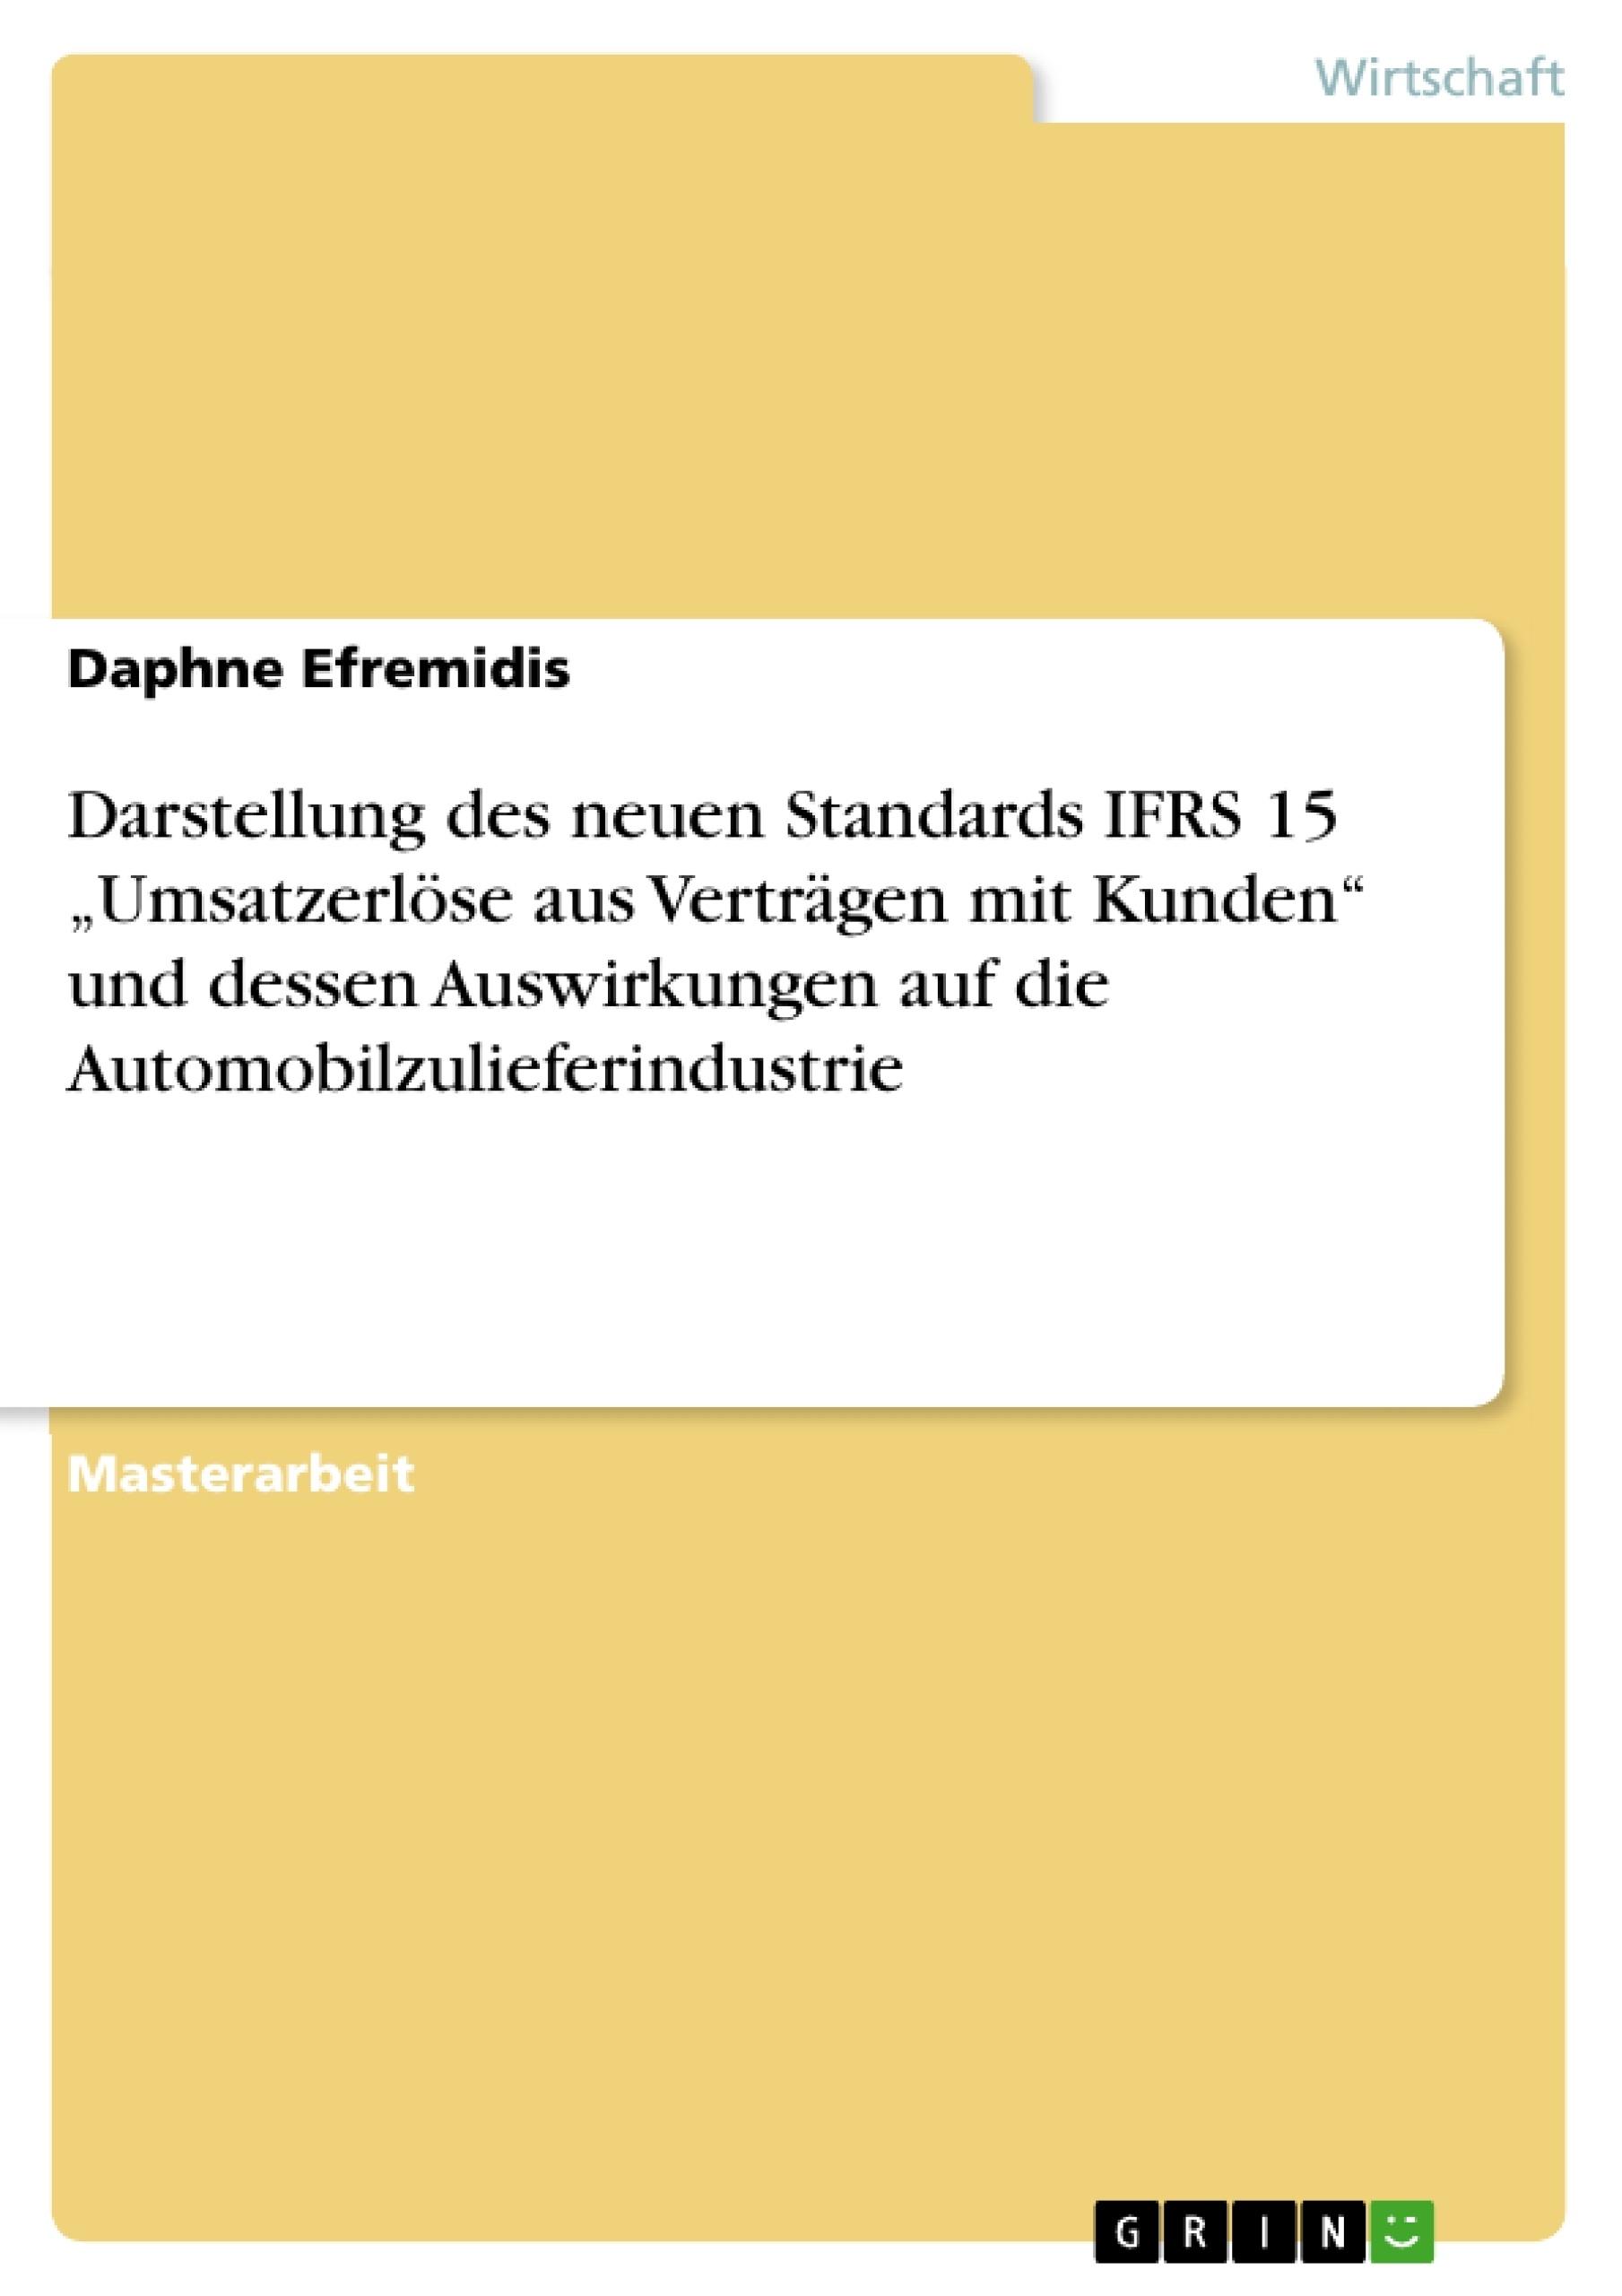 """Titel: Darstellung des neuen Standards IFRS 15 """"Umsatzerlöse aus Verträgen mit Kunden"""" und dessen Auswirkungen auf die Automobilzulieferindustrie"""